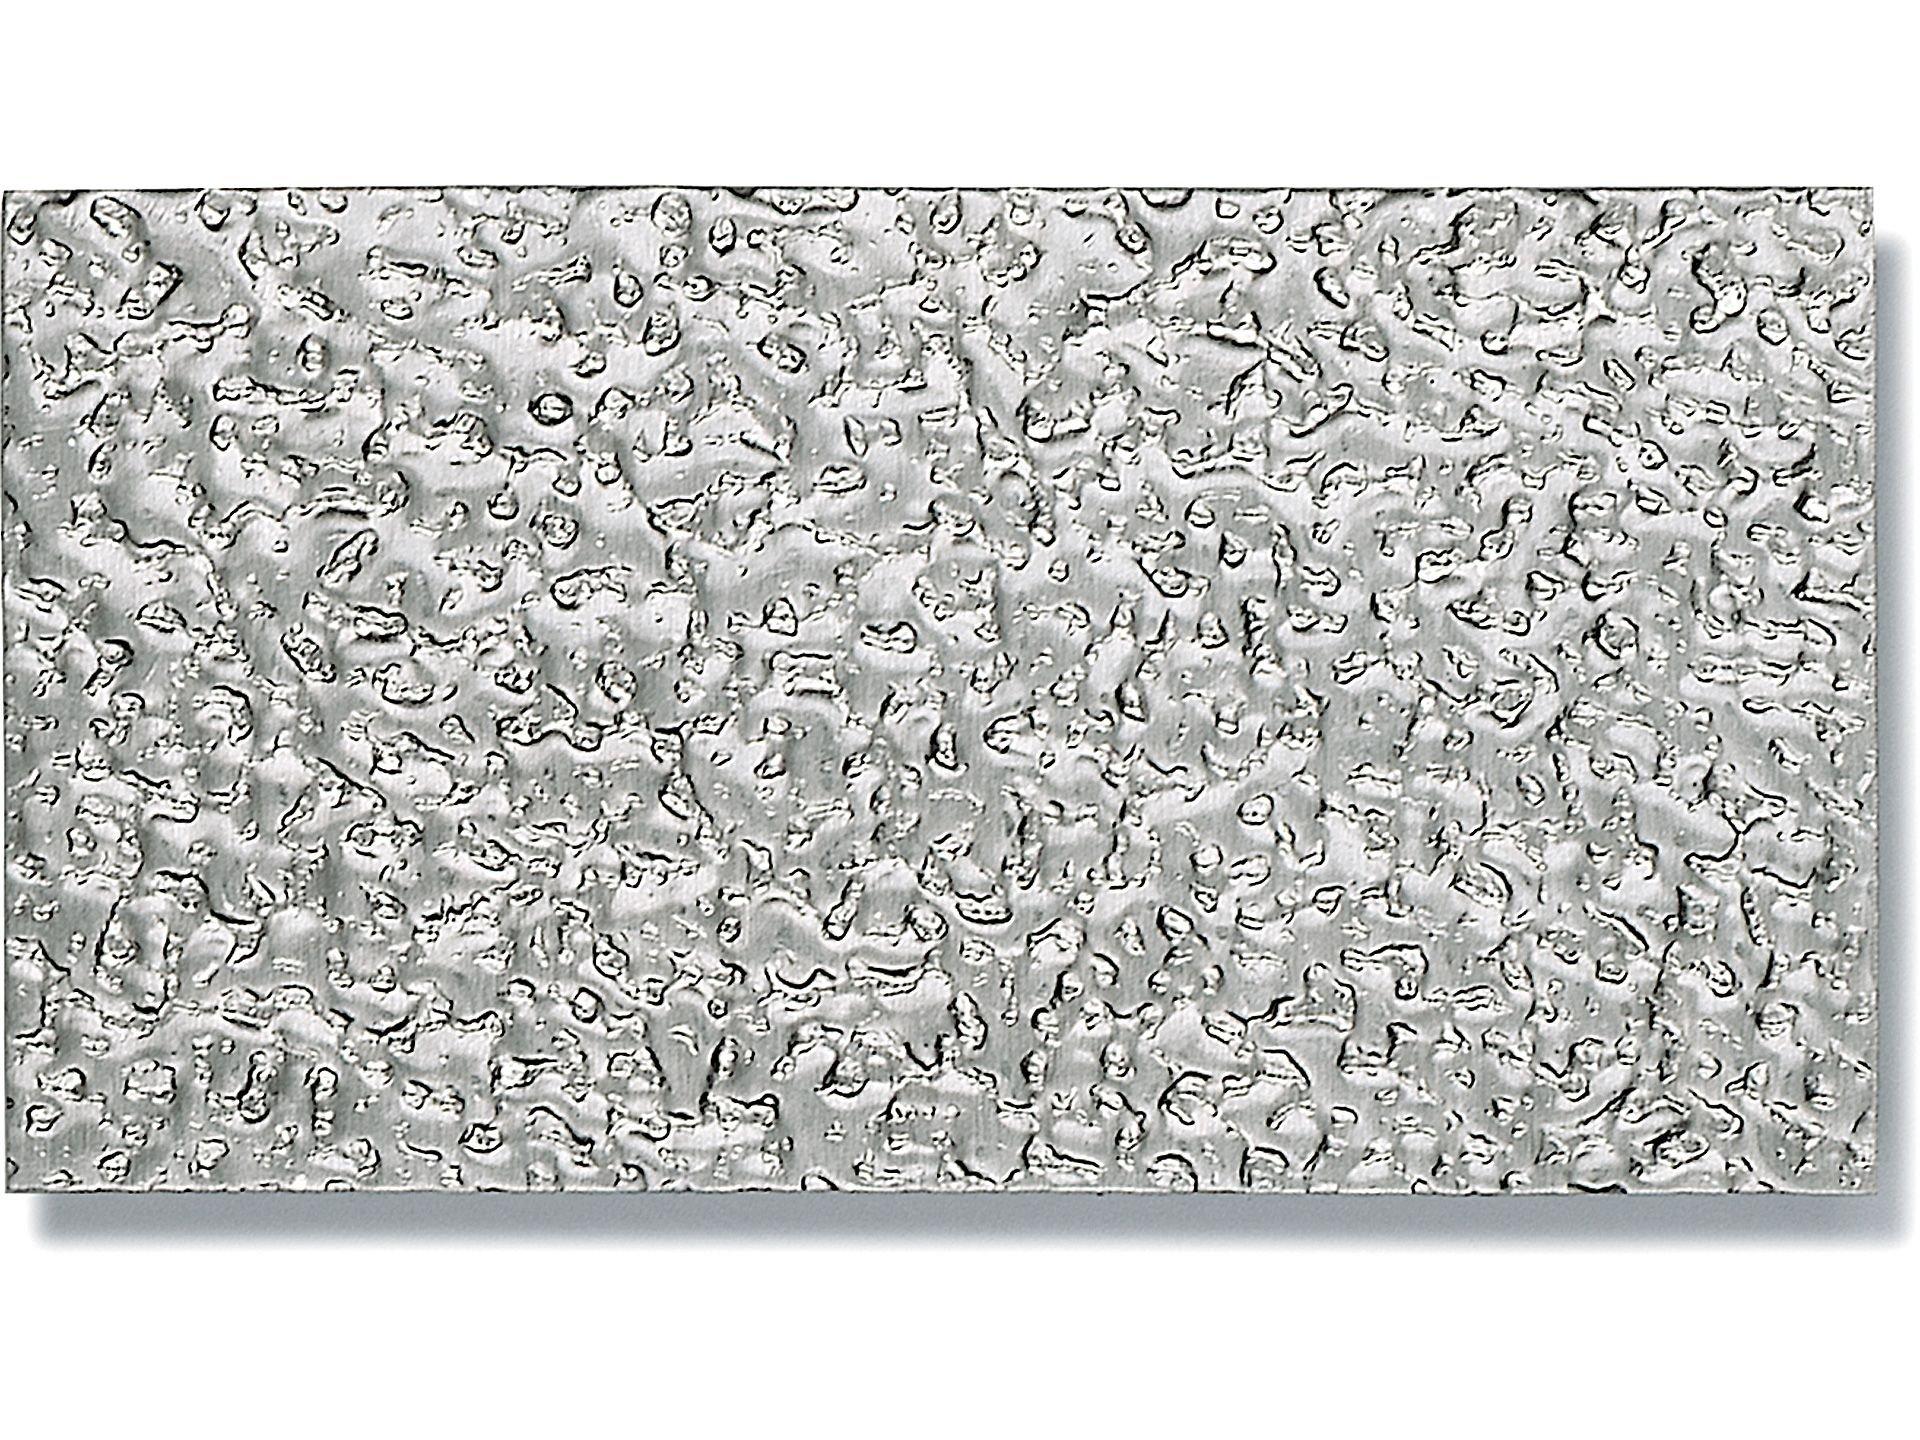 Aluminium Stucco-Dessinblech im Zuschnitt kaufen | Modulor